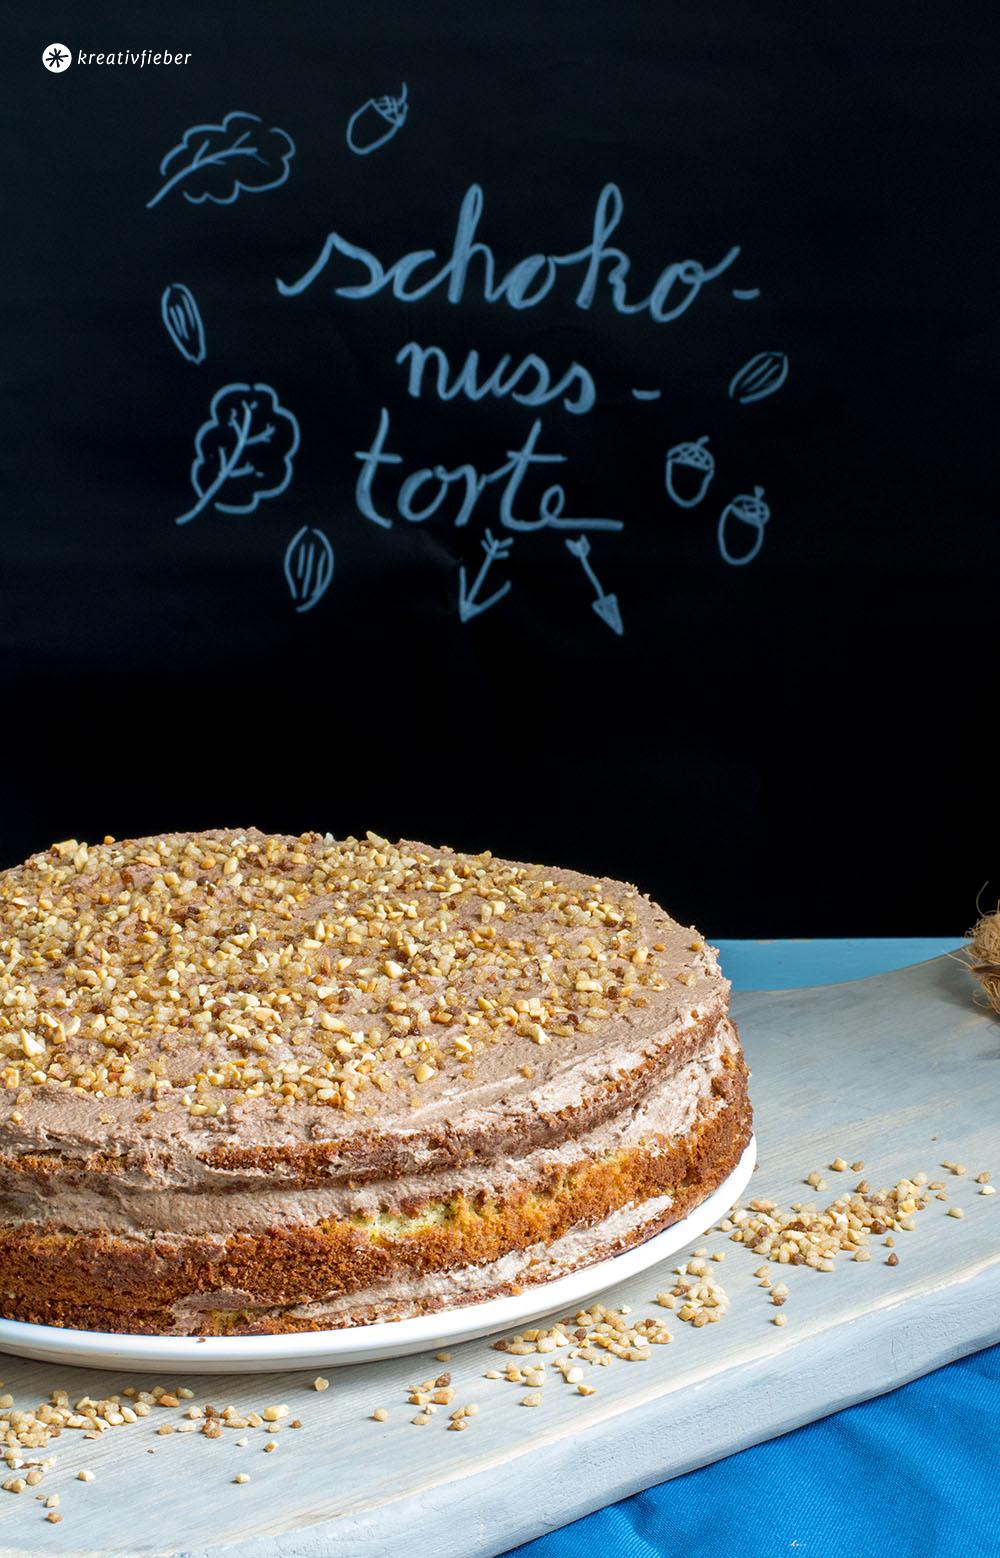 rezept schoko nuss torte schokoladentorte